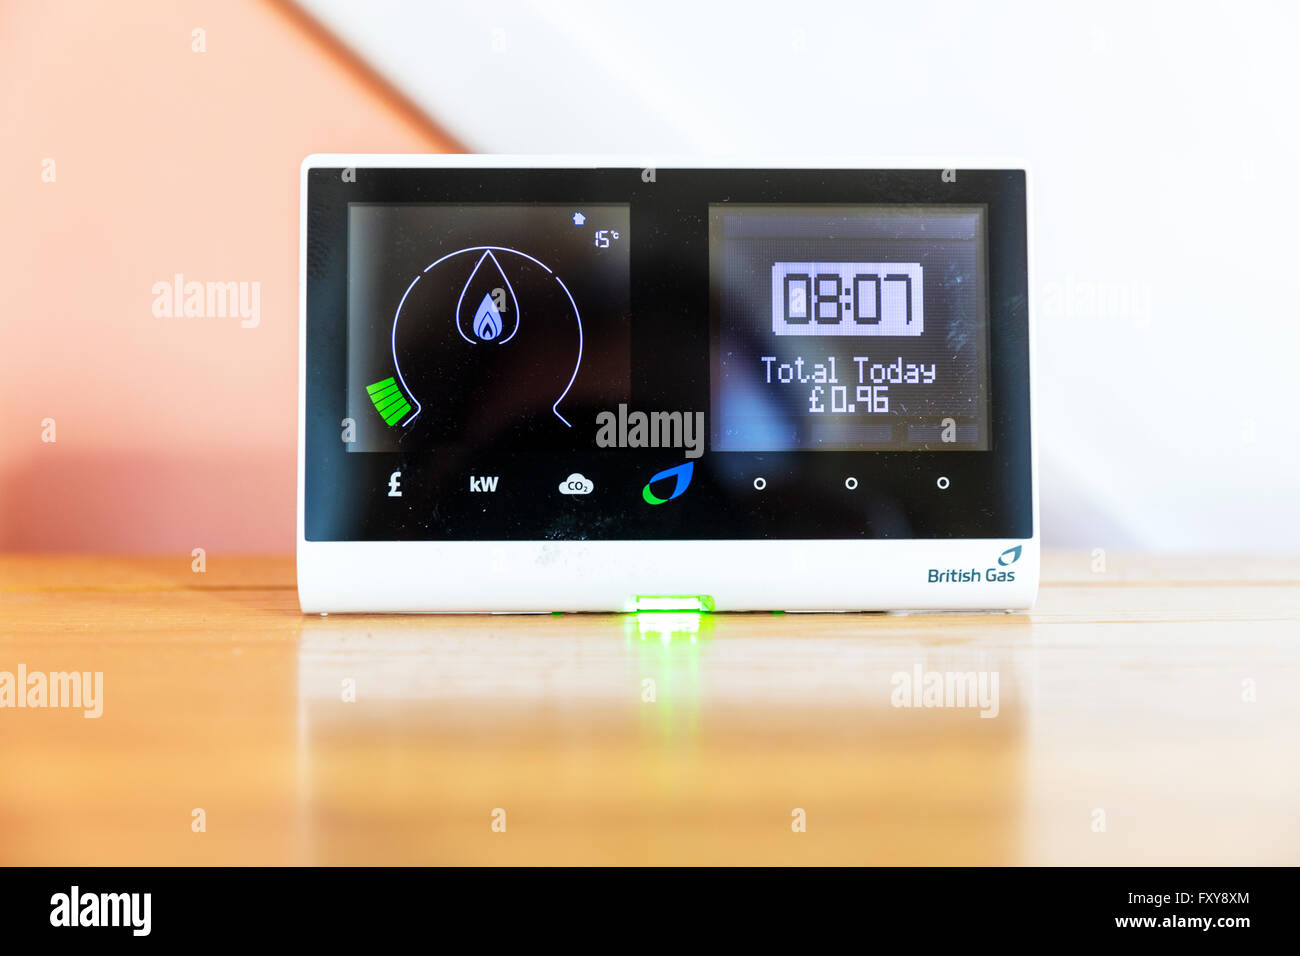 British Gas medidor inteligente que muestra el consumo de electricidad y gas de uso doméstico utilizados en Imagen De Stock